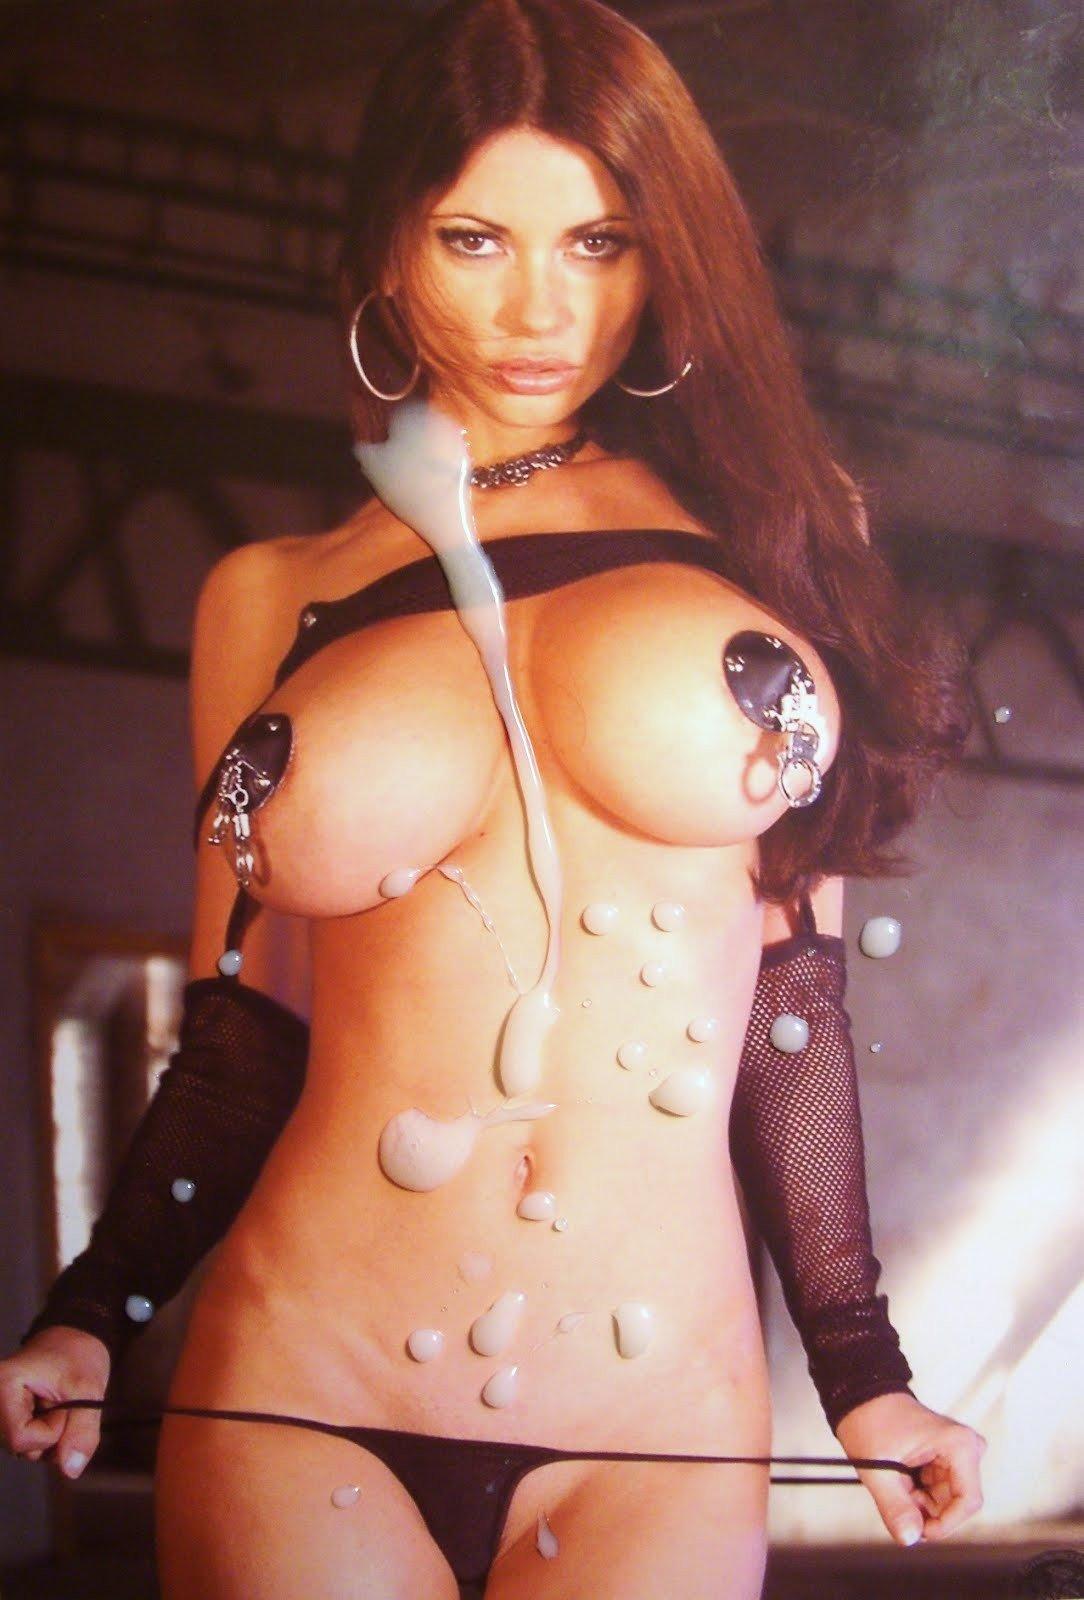 Симпатичные голые знаменитости представляют свои груди и изящные влагалища своим любимым зрителям